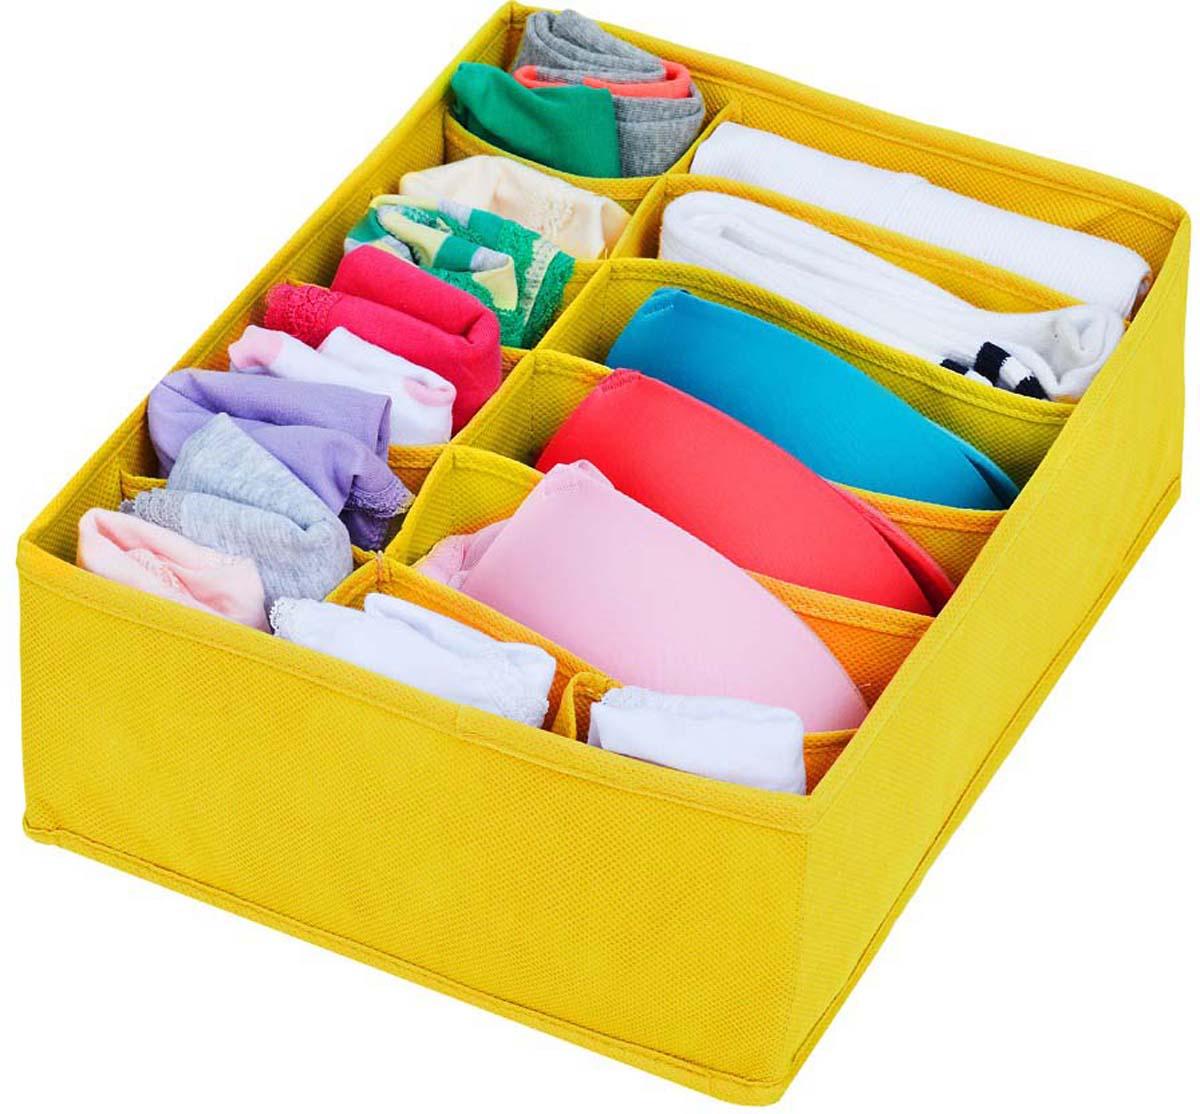 Замечательный органайзер отлично подойдет для хранения комплектов белья - женского, детского.  В нем удобно хранить наборы бюстгальтер+трусики, маечка+трусики.